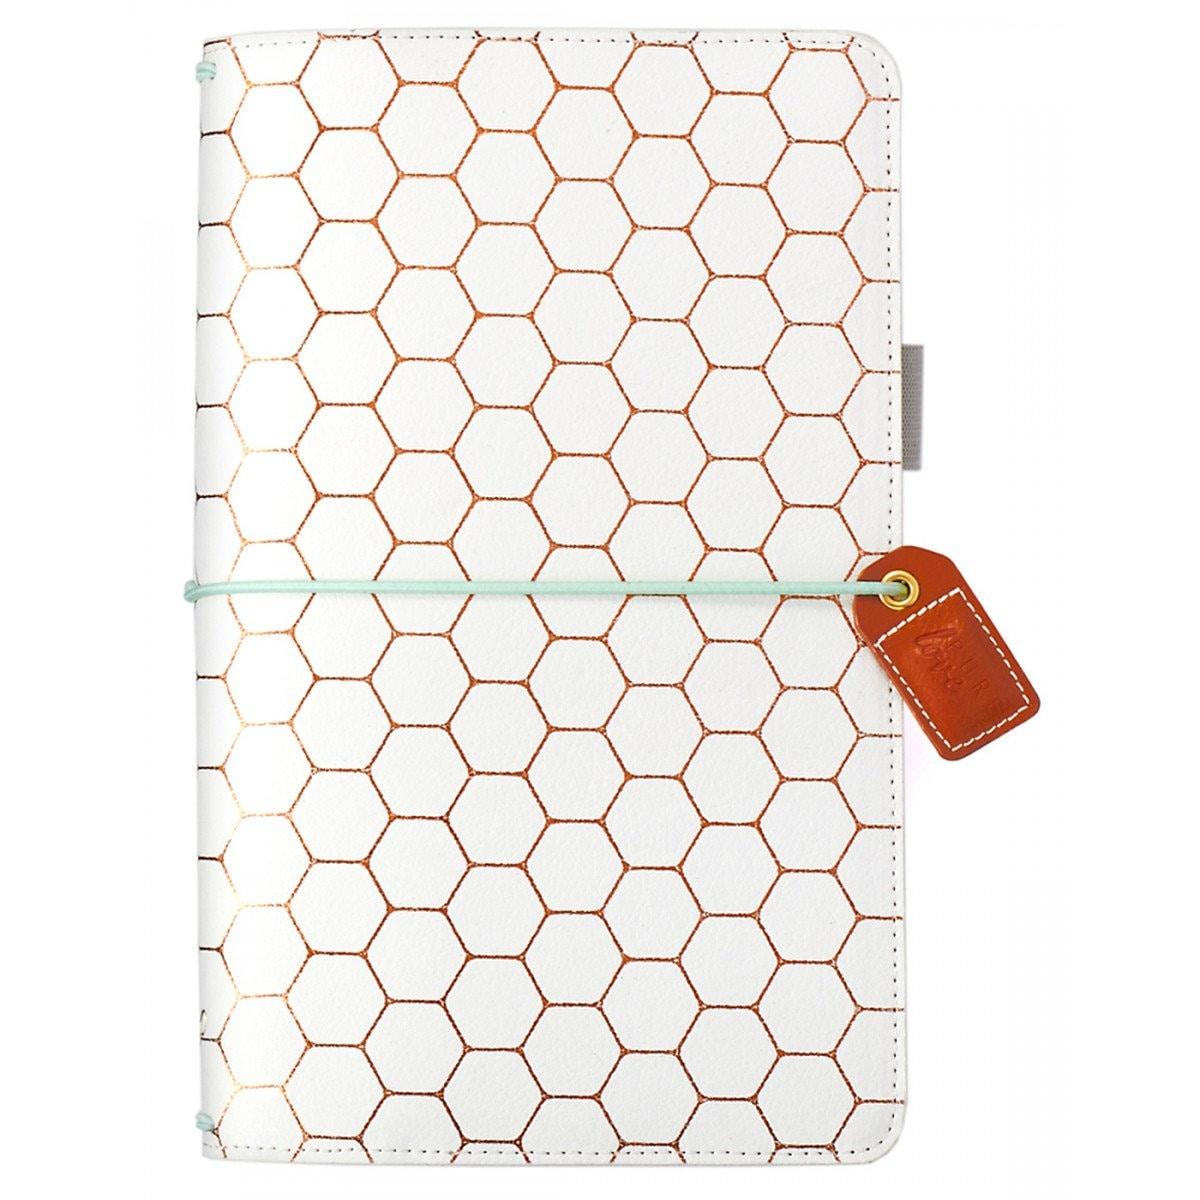 Carnet de Pages voyage standard - Webster Pages de couleur Crush - hexagone en cuivre 5ee9cf